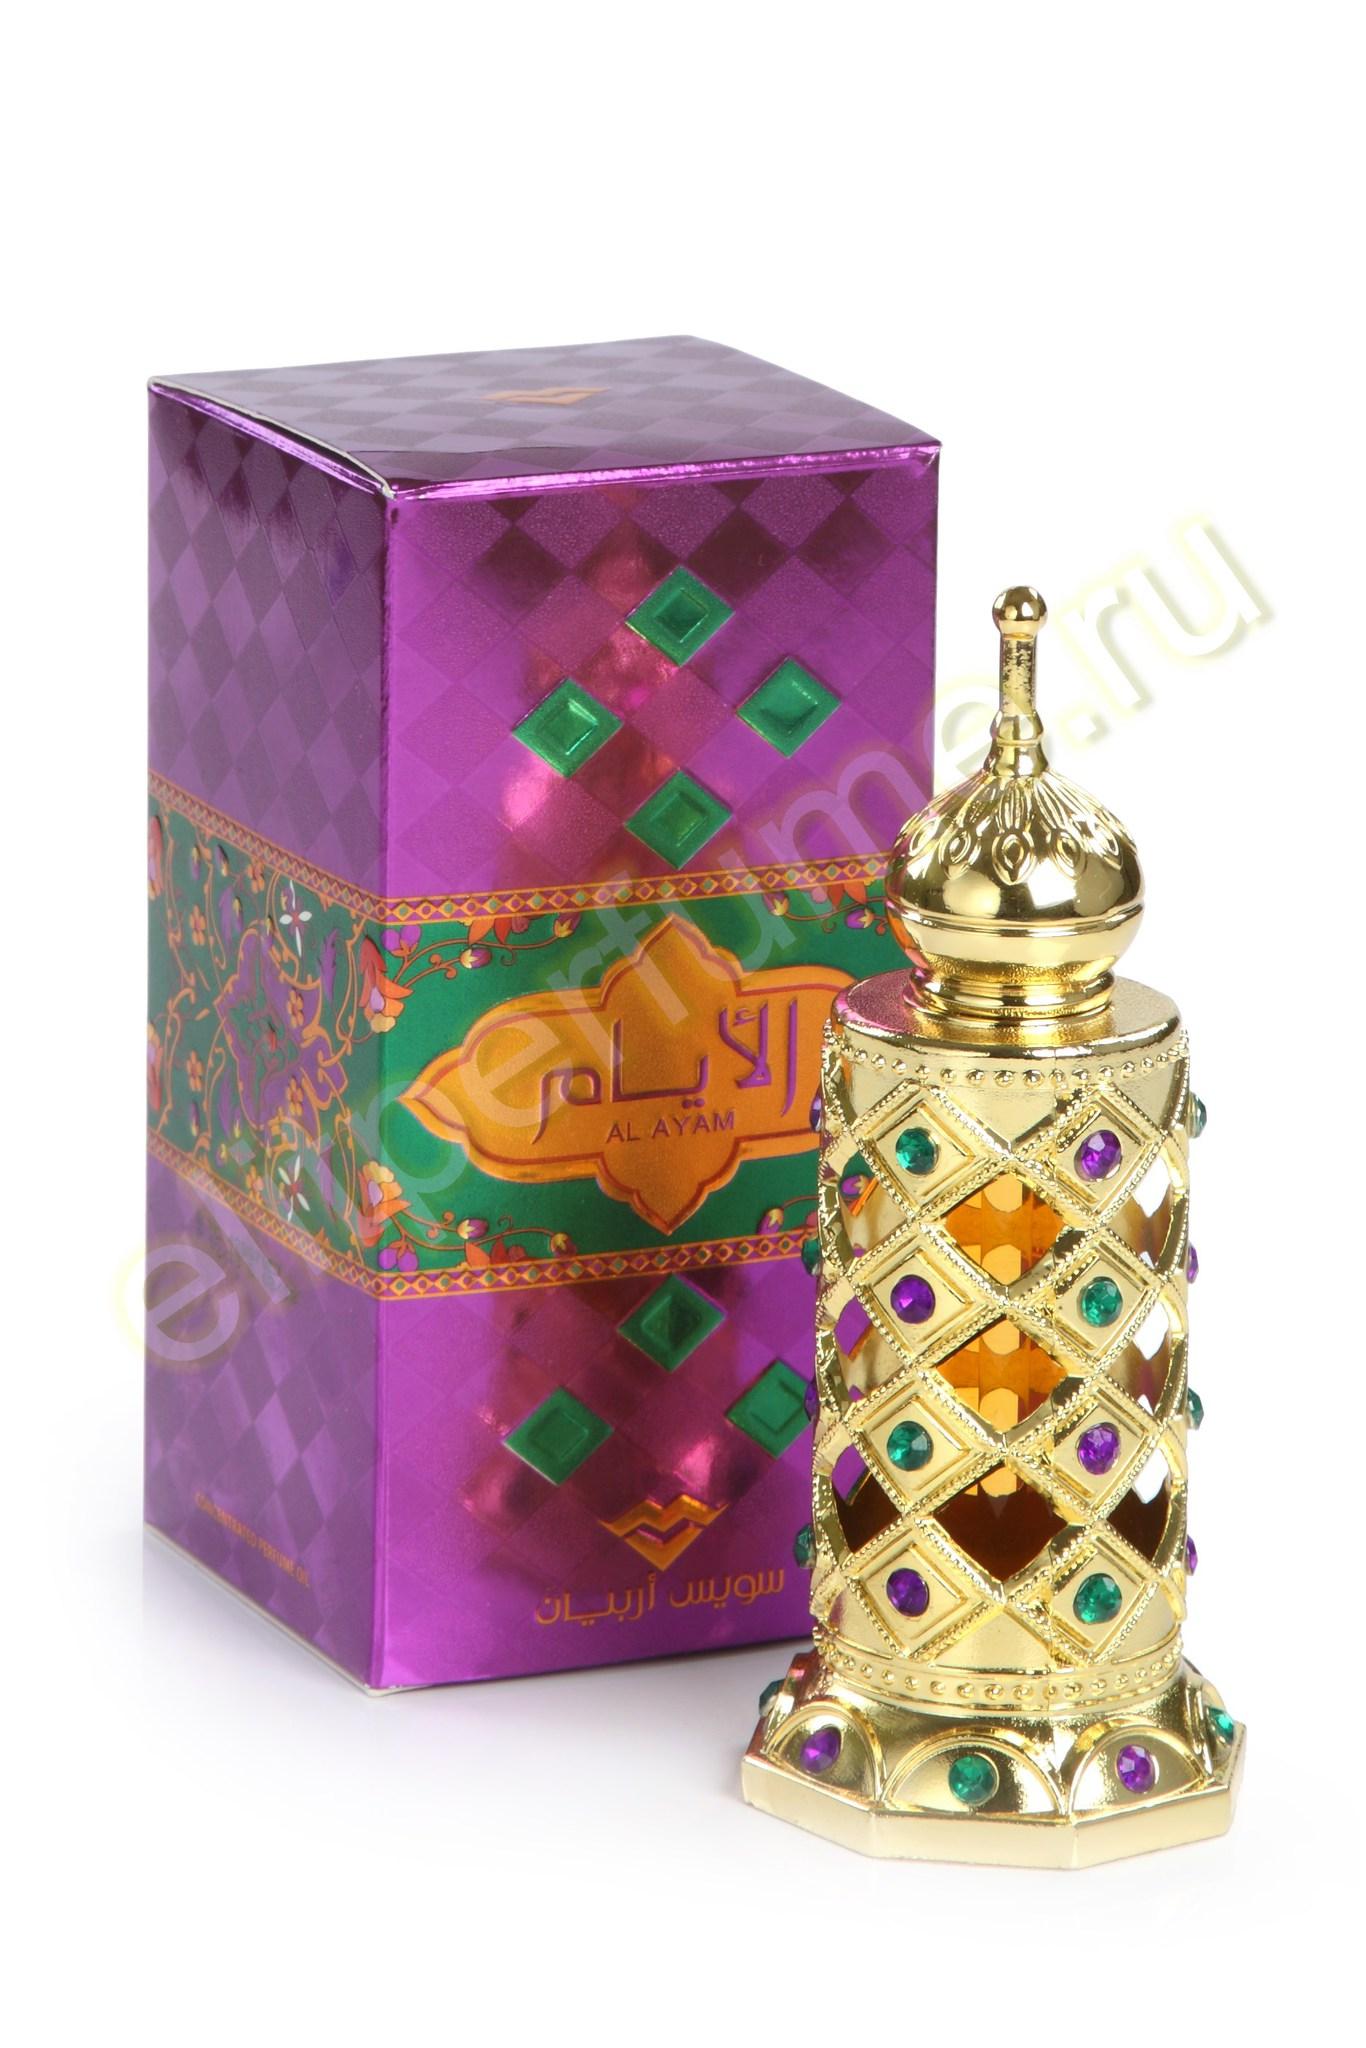 Пробники для арабских духов Al Ayam 1 мл арабские масляные духи от Свисс Арабиан Swiss Arabian